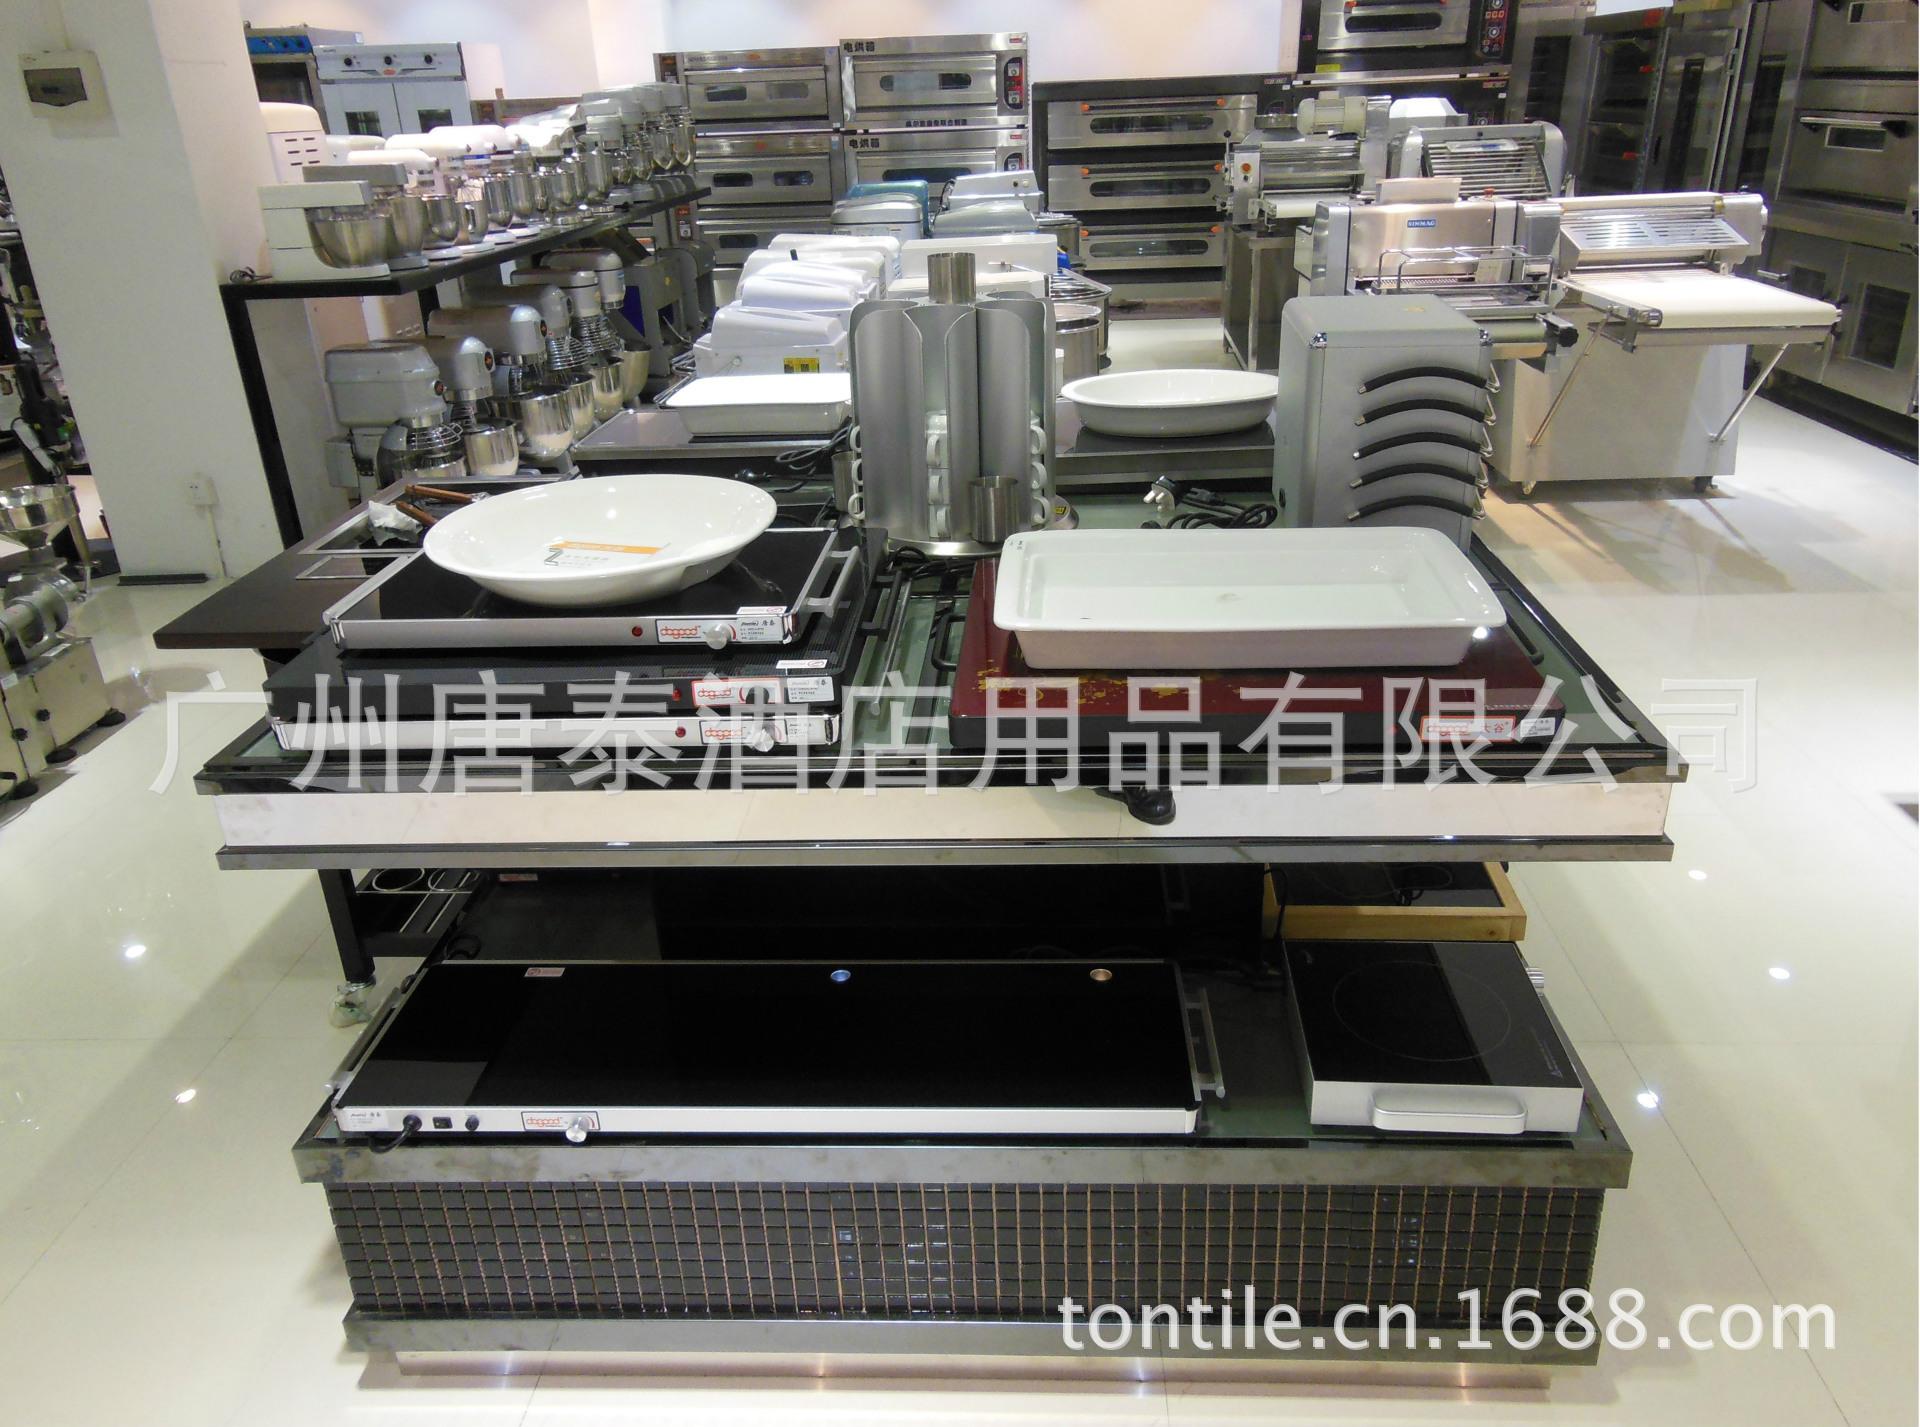 唐泰JG-KW01A精准盘,自助餐保温人物,自助餐保温印花十字绣设备图片